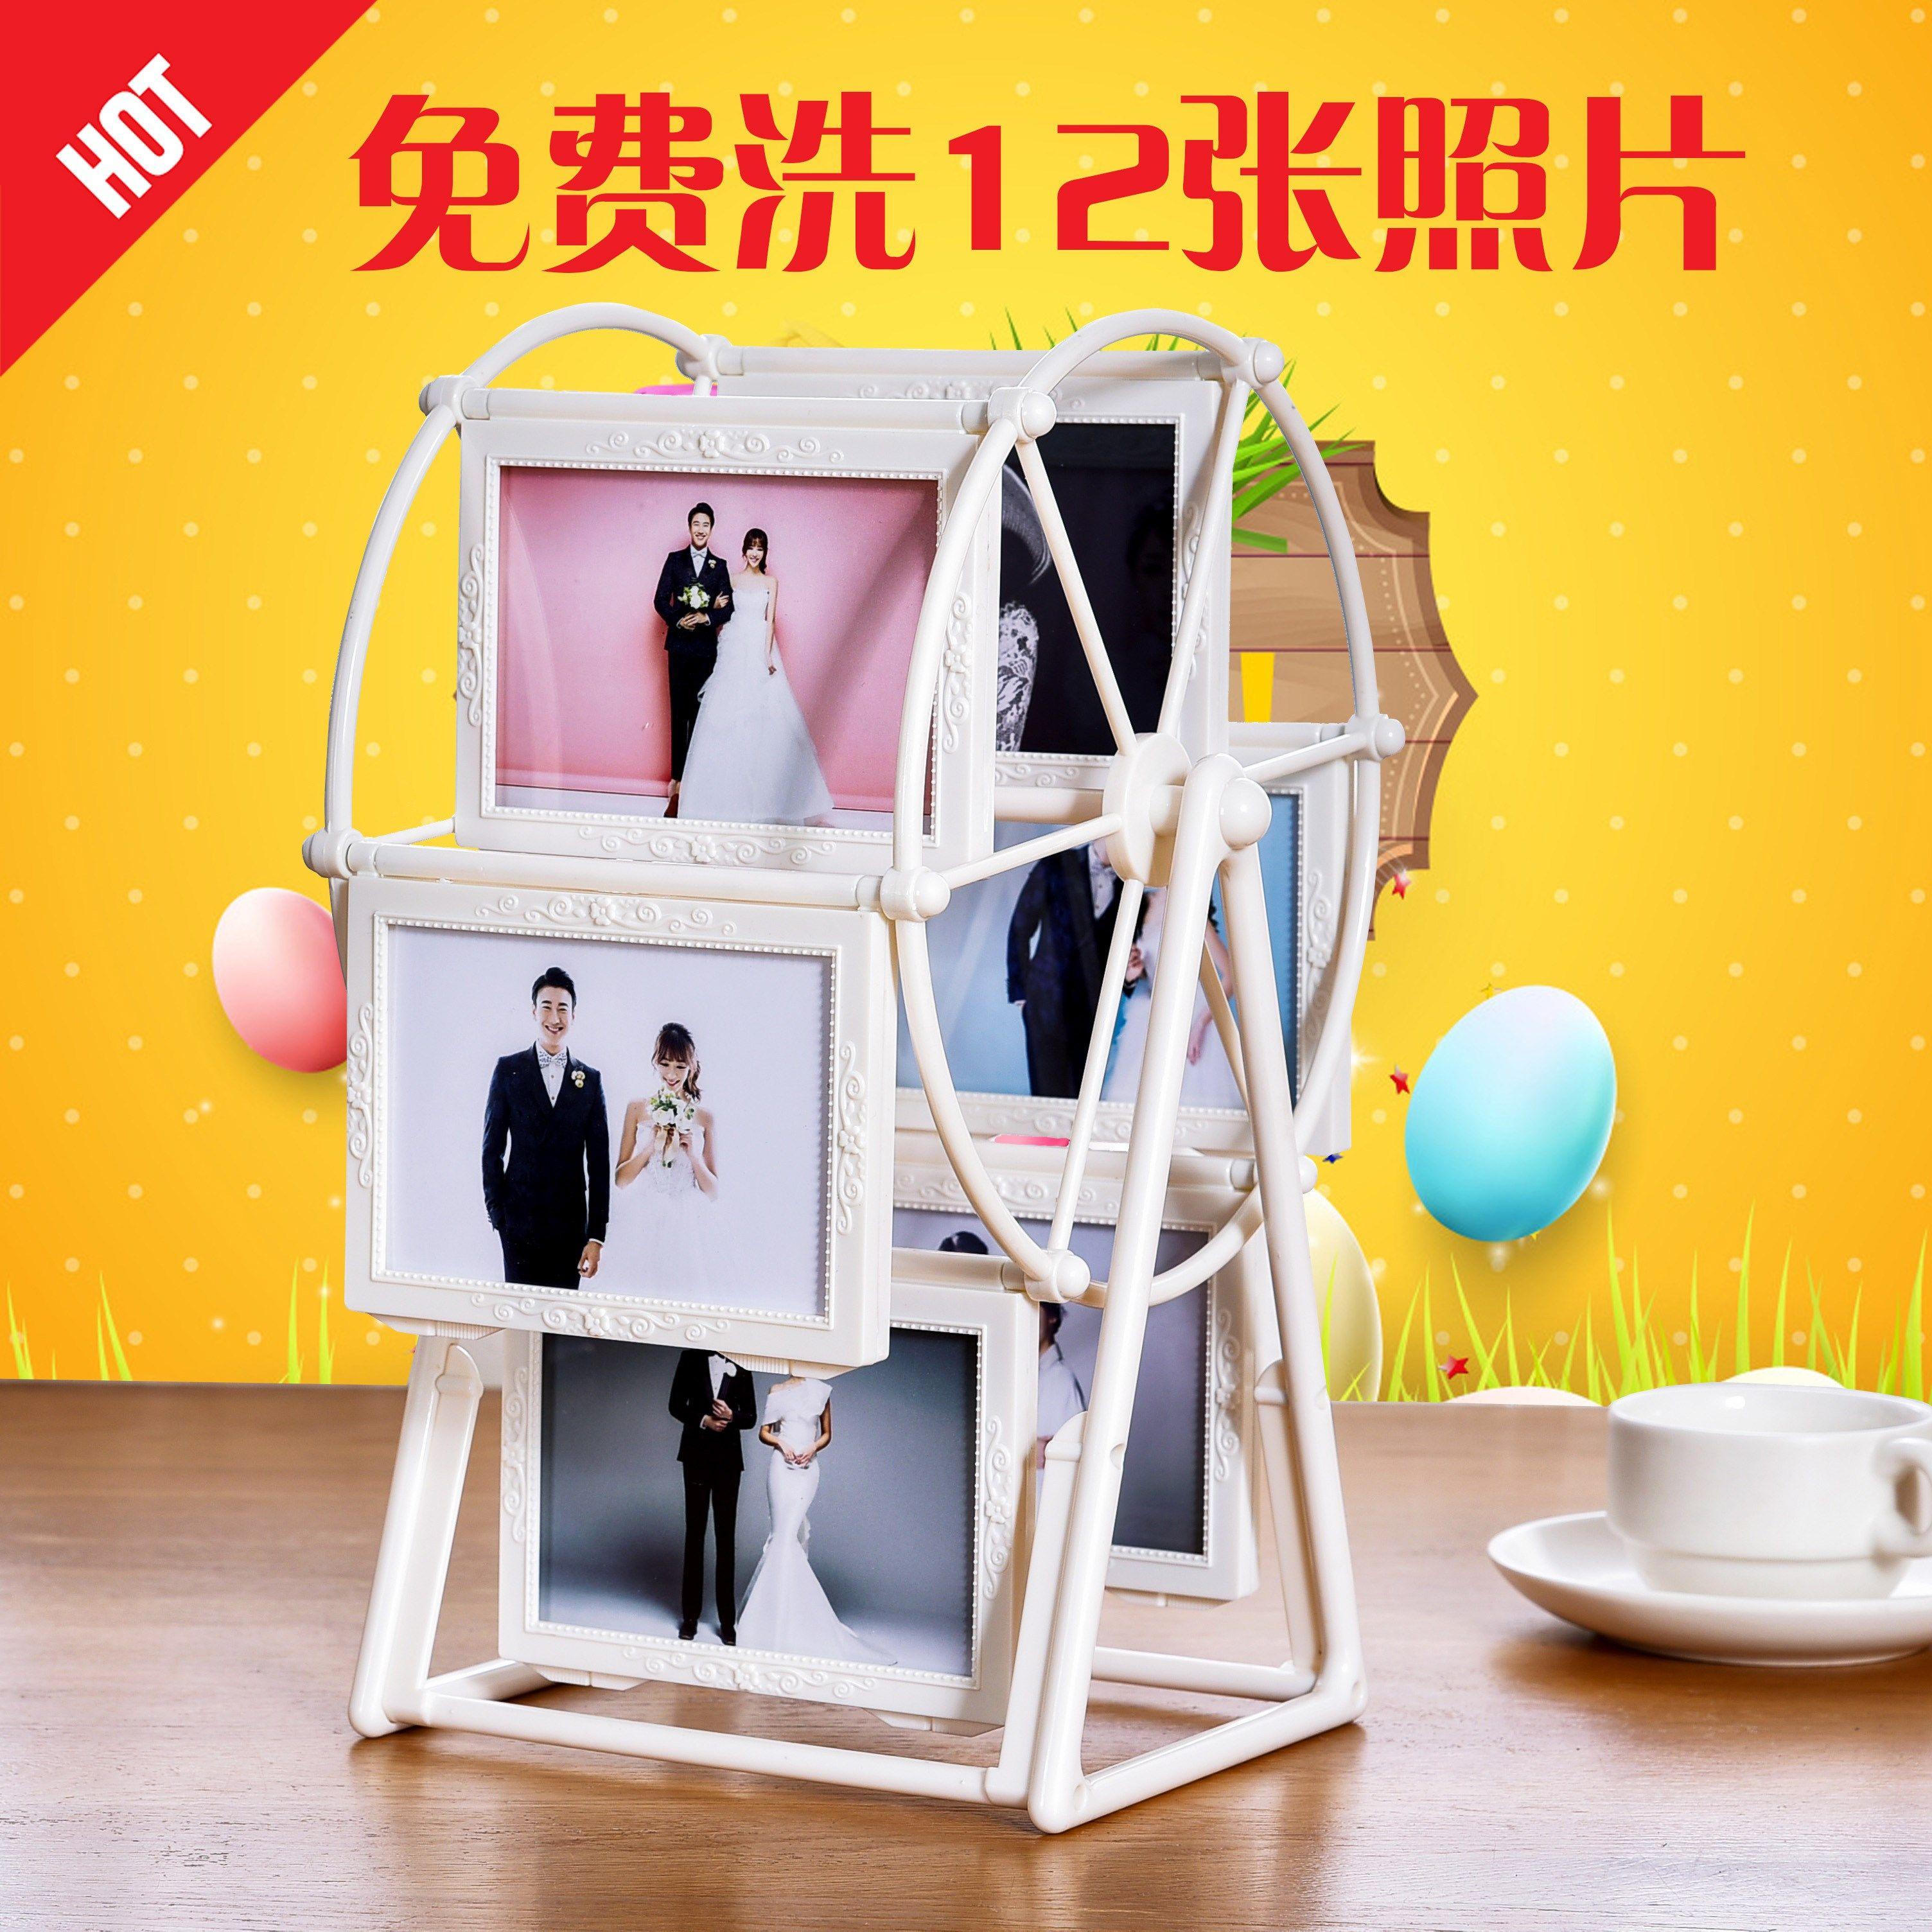 摩天轮相框摆台旋转韩式创意组合儿童情侣闺蜜女礼品5寸风车相架